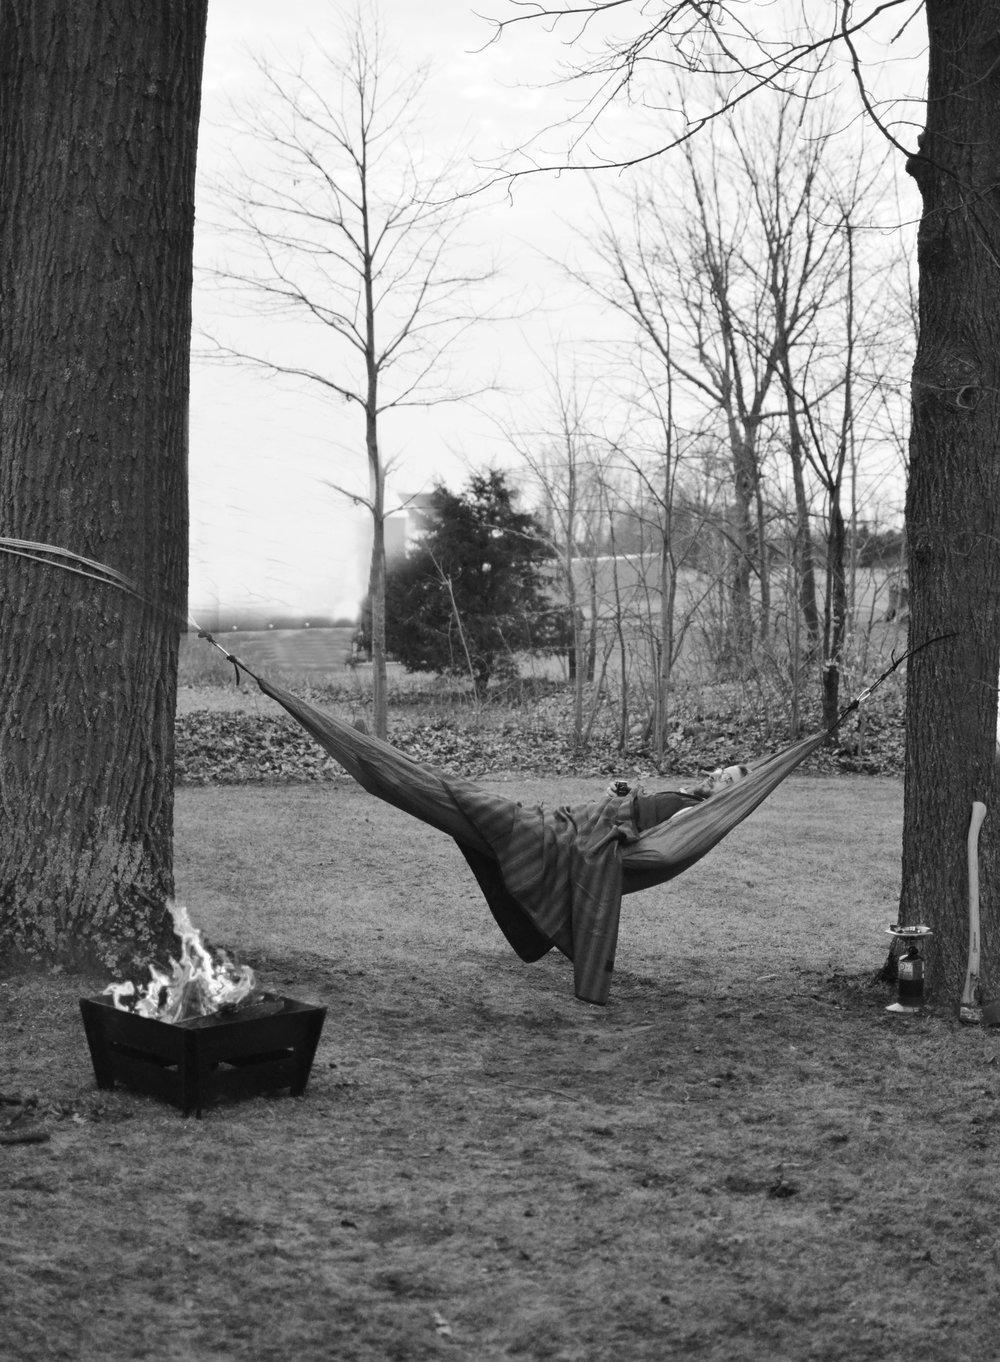 Spring_Is_Here_Bespoke_Post_Coaltree_Hammock_Camping-5.jpg